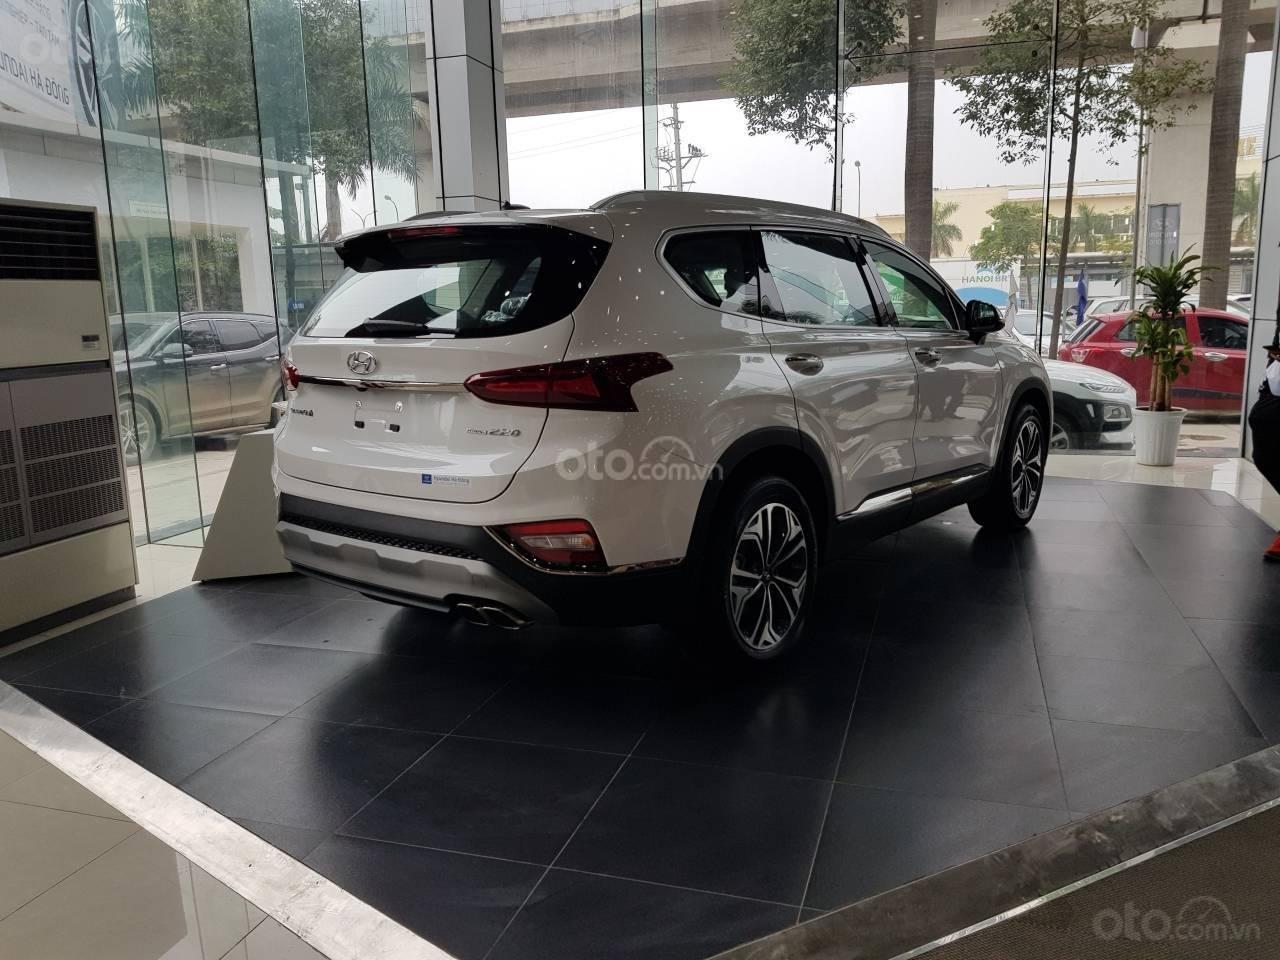 Mẫu Santa Fe 2019 mới nhất - Hyundai Hà Đông. Chỉ với 200tr là lấy xe hỗ trợ trả góp 90%, liên hệ: 0901078111 (7)